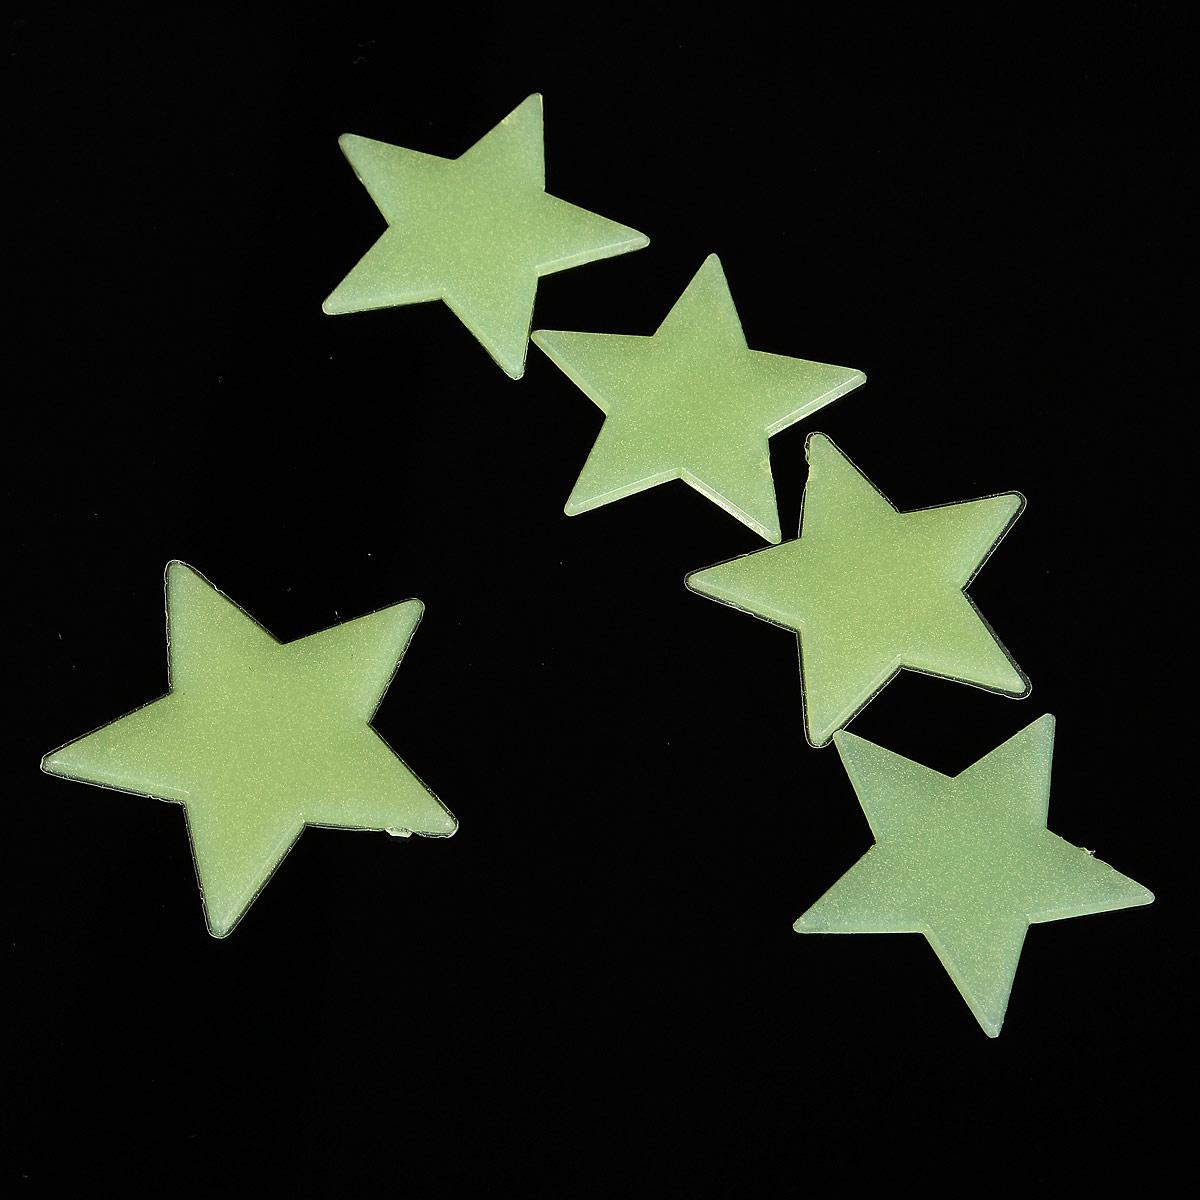 100 wandtattoo leuchtende leuchtsterne sterne - Leuchtende wandtattoos ...